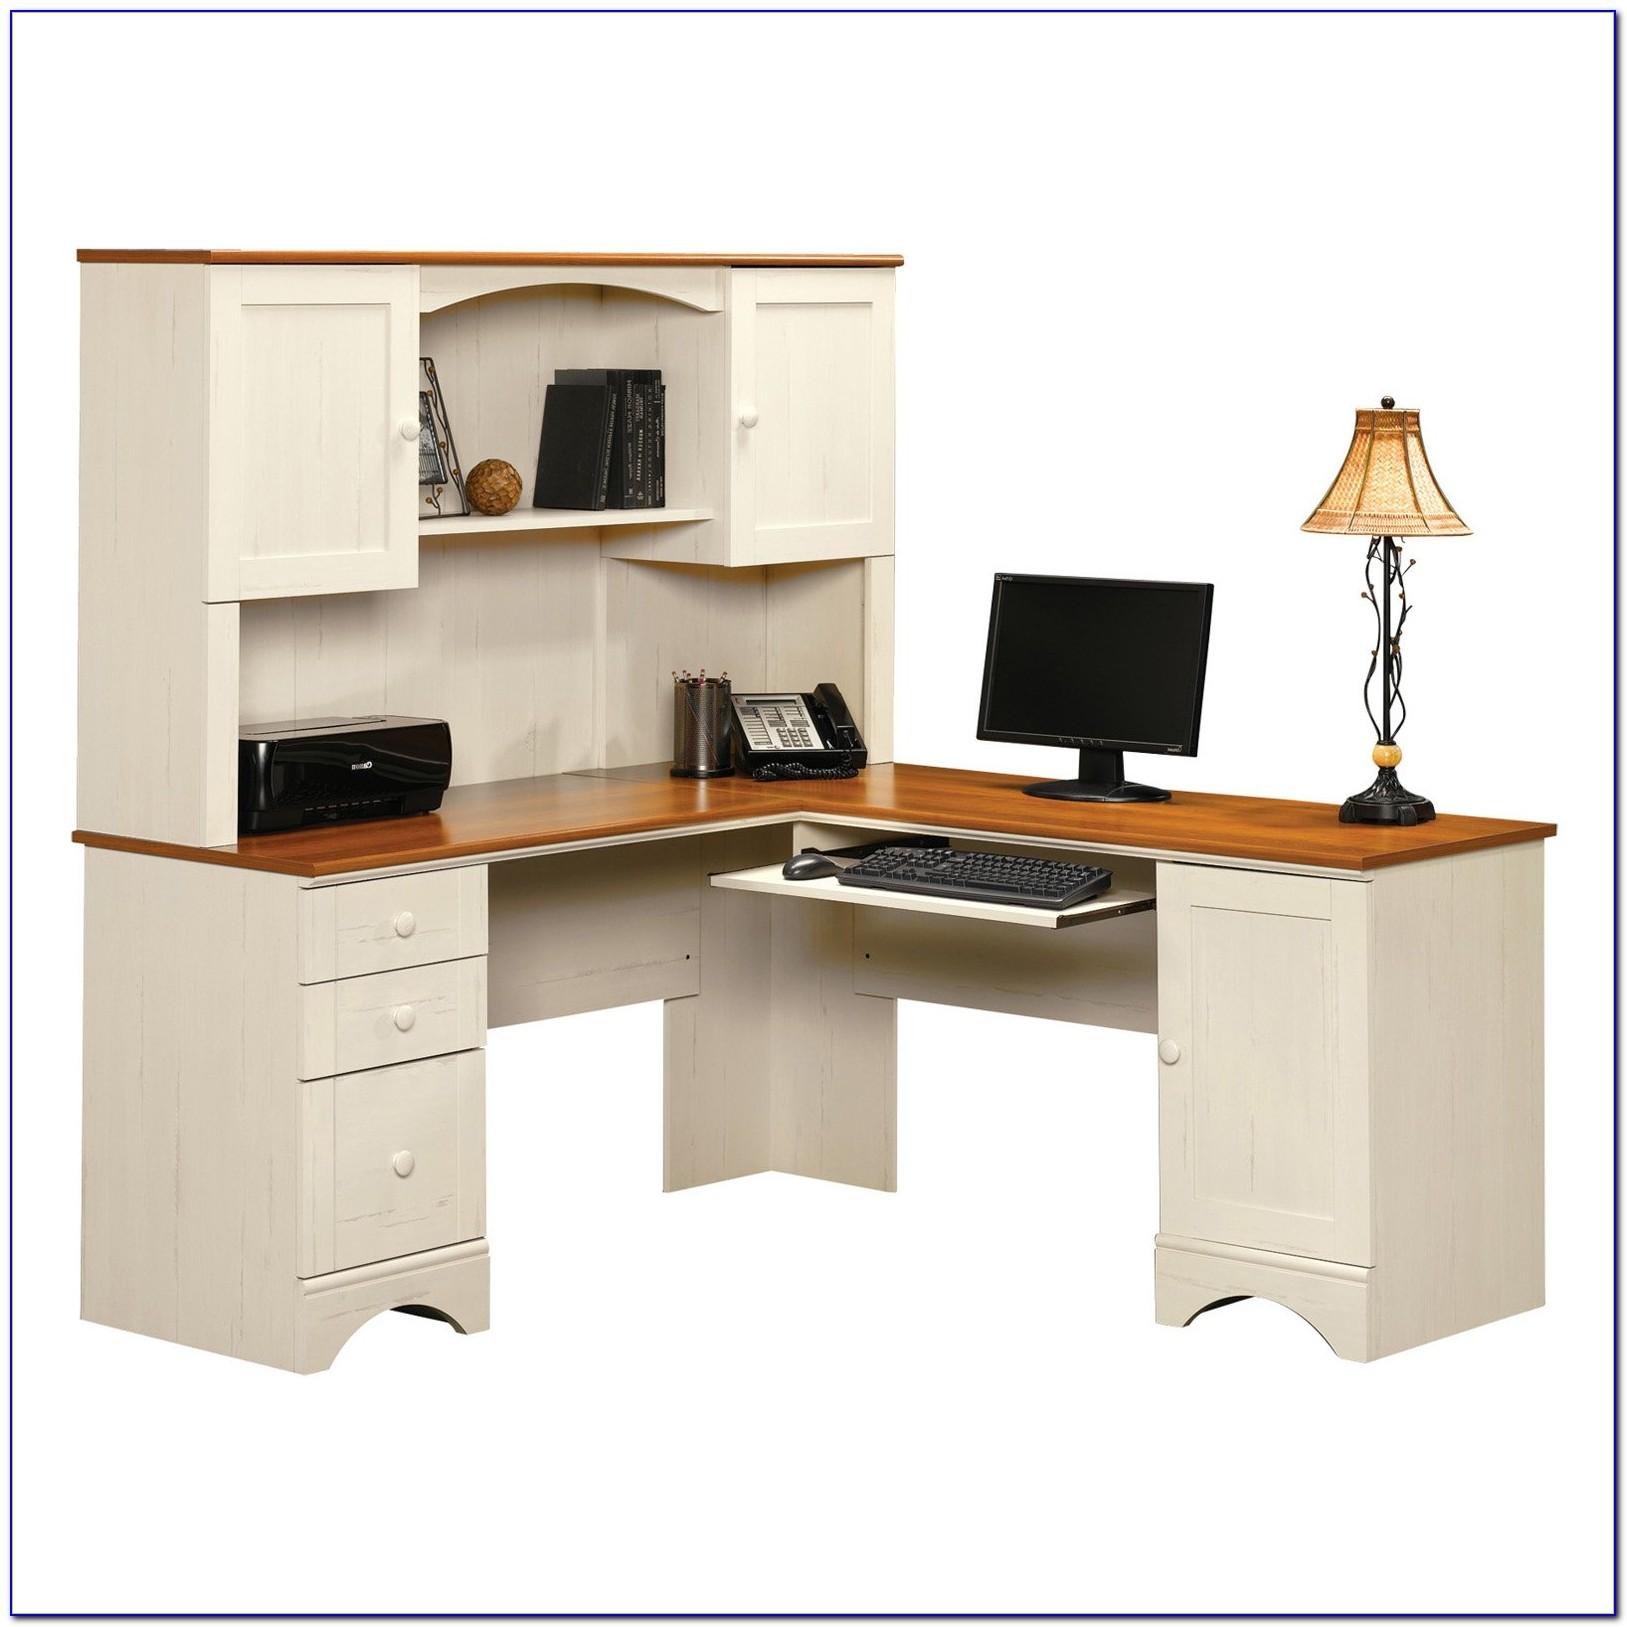 White corner computer desk canada desk home design ideas 9wpre82yq186380 - Corner desk canada ...